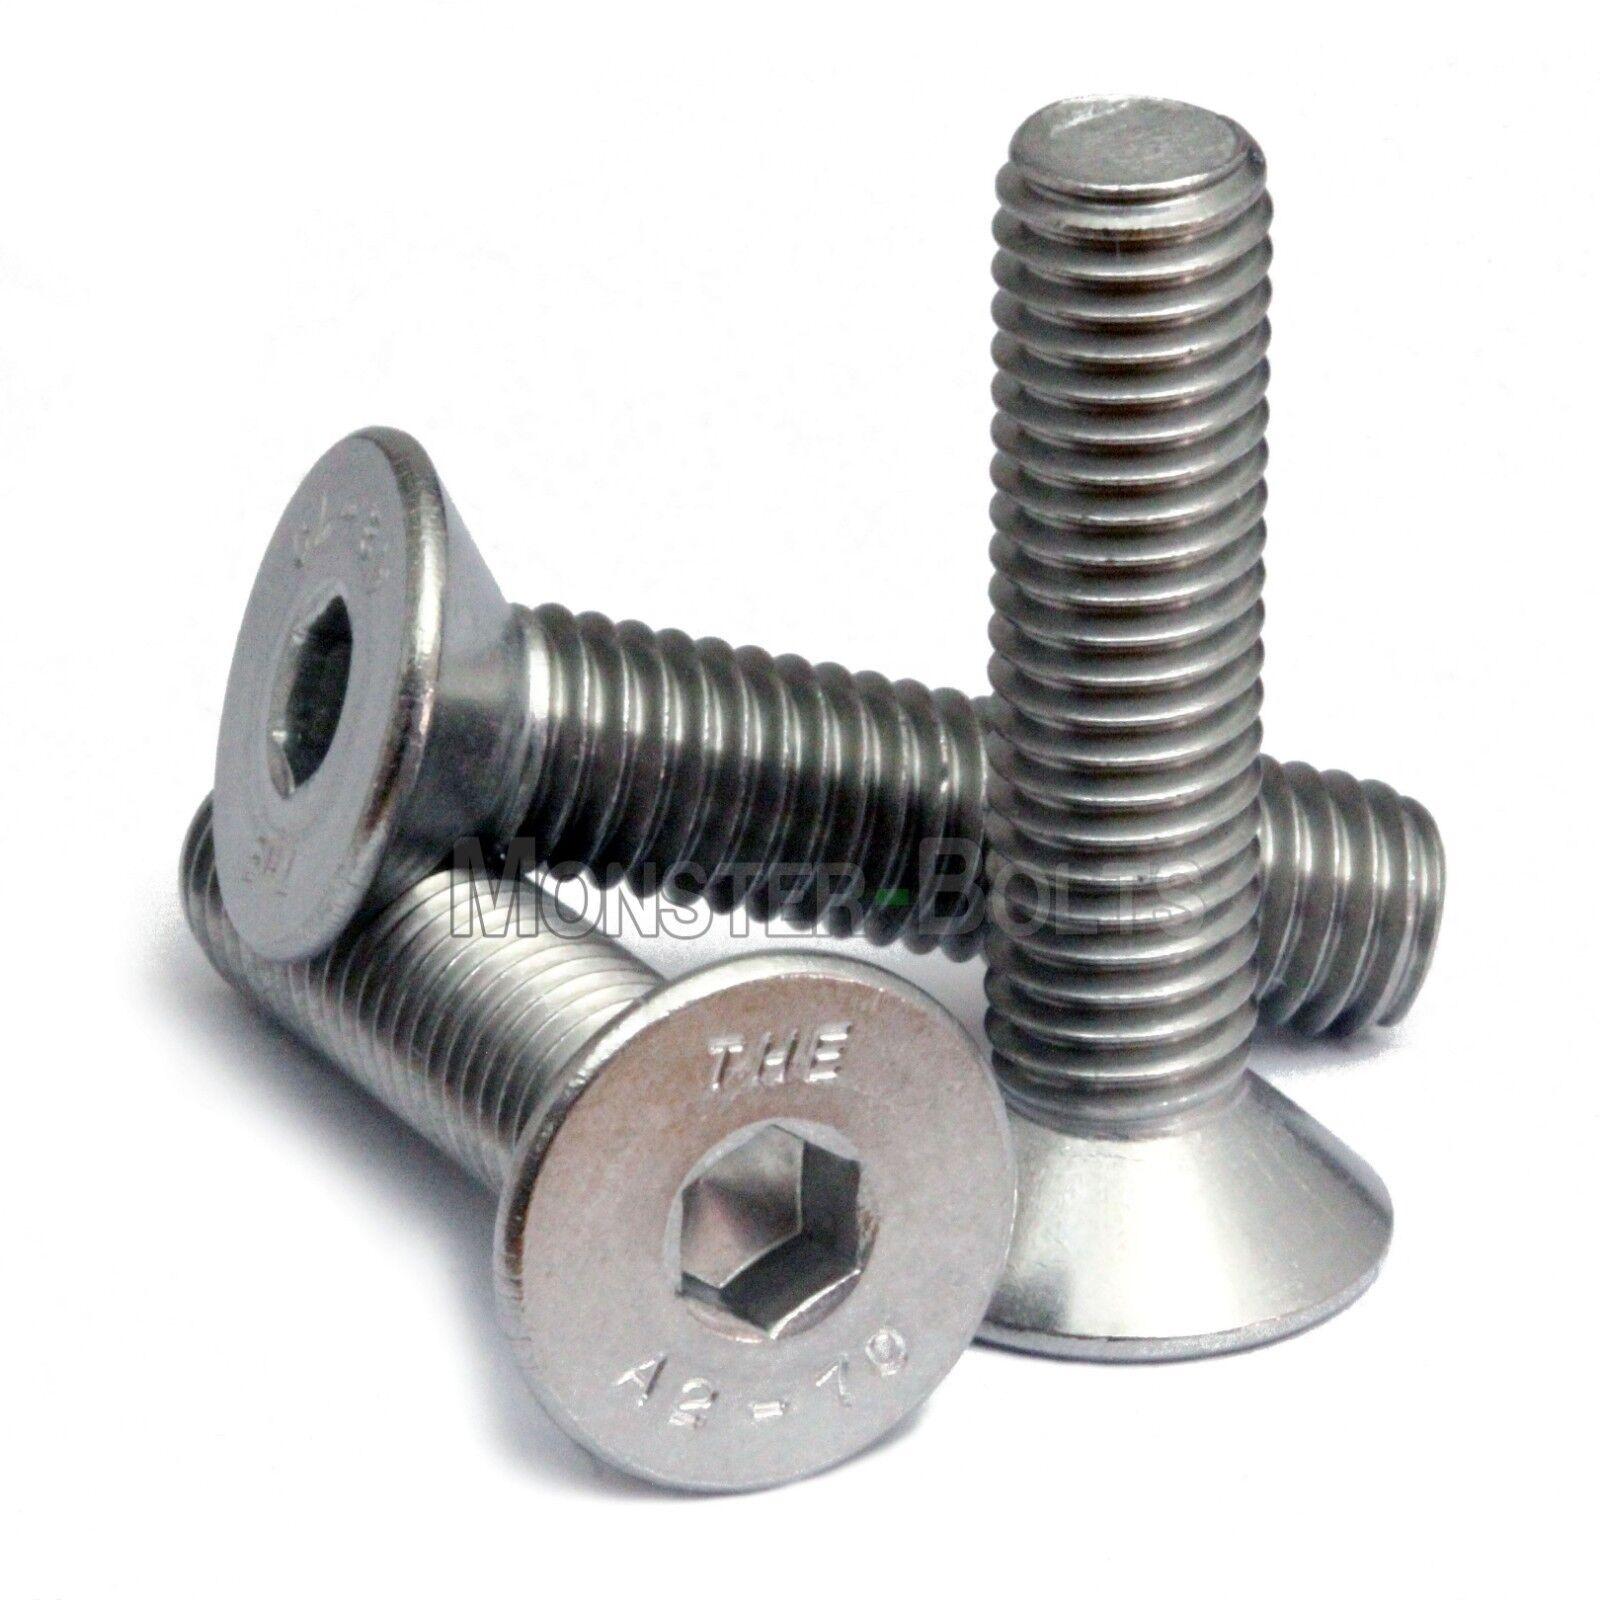 St@llion M10 HEX SET SCREW Stainless Steel A2 Hexagon Bolts Threaded Bolt Head DIN 933